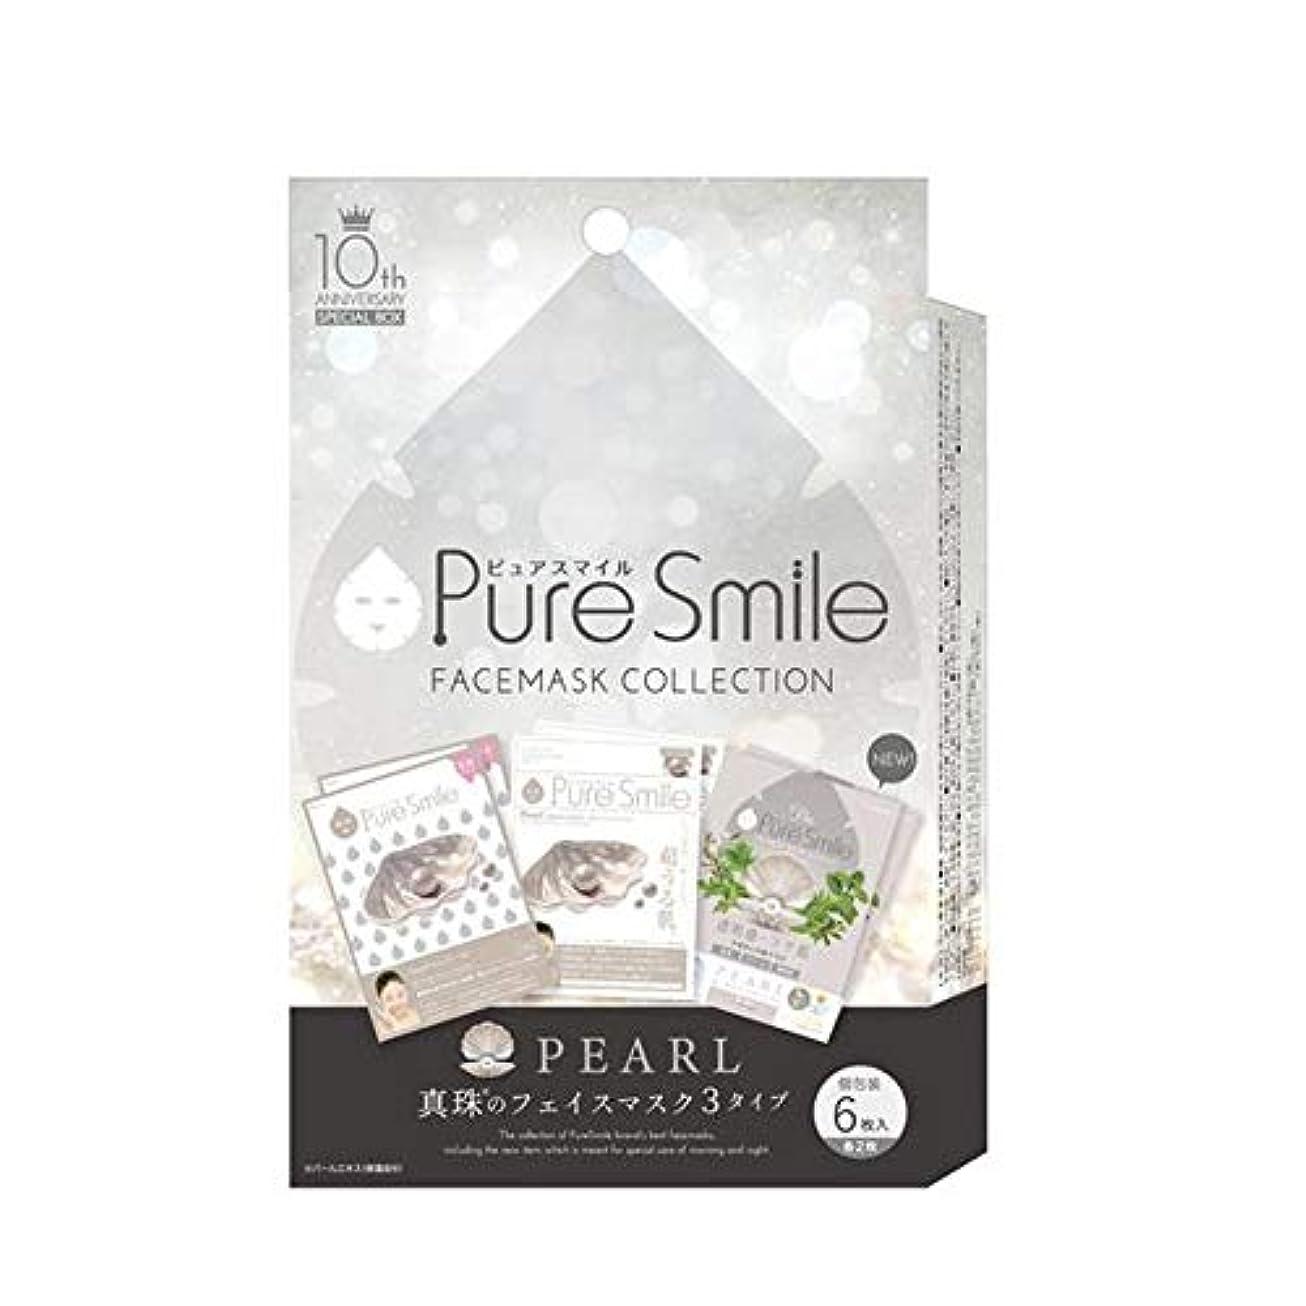 新聞太字電化するピュア スマイル Pure Smile 10thアニバーサリー スペシャルボックス 真珠 6枚入り